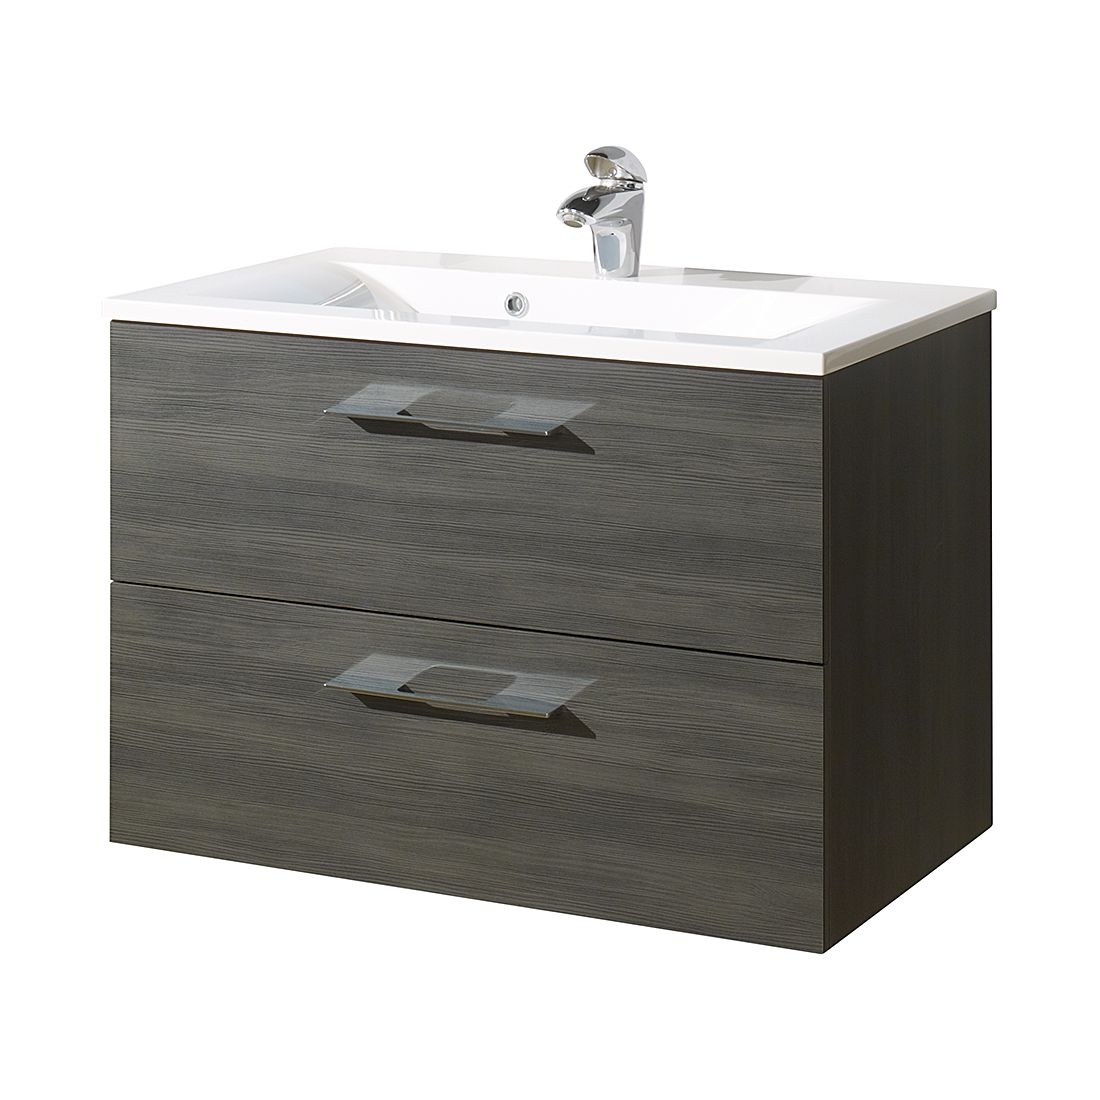 Waschplatz 80 cm breit preisvergleiche for Schuhschrank 140 breit